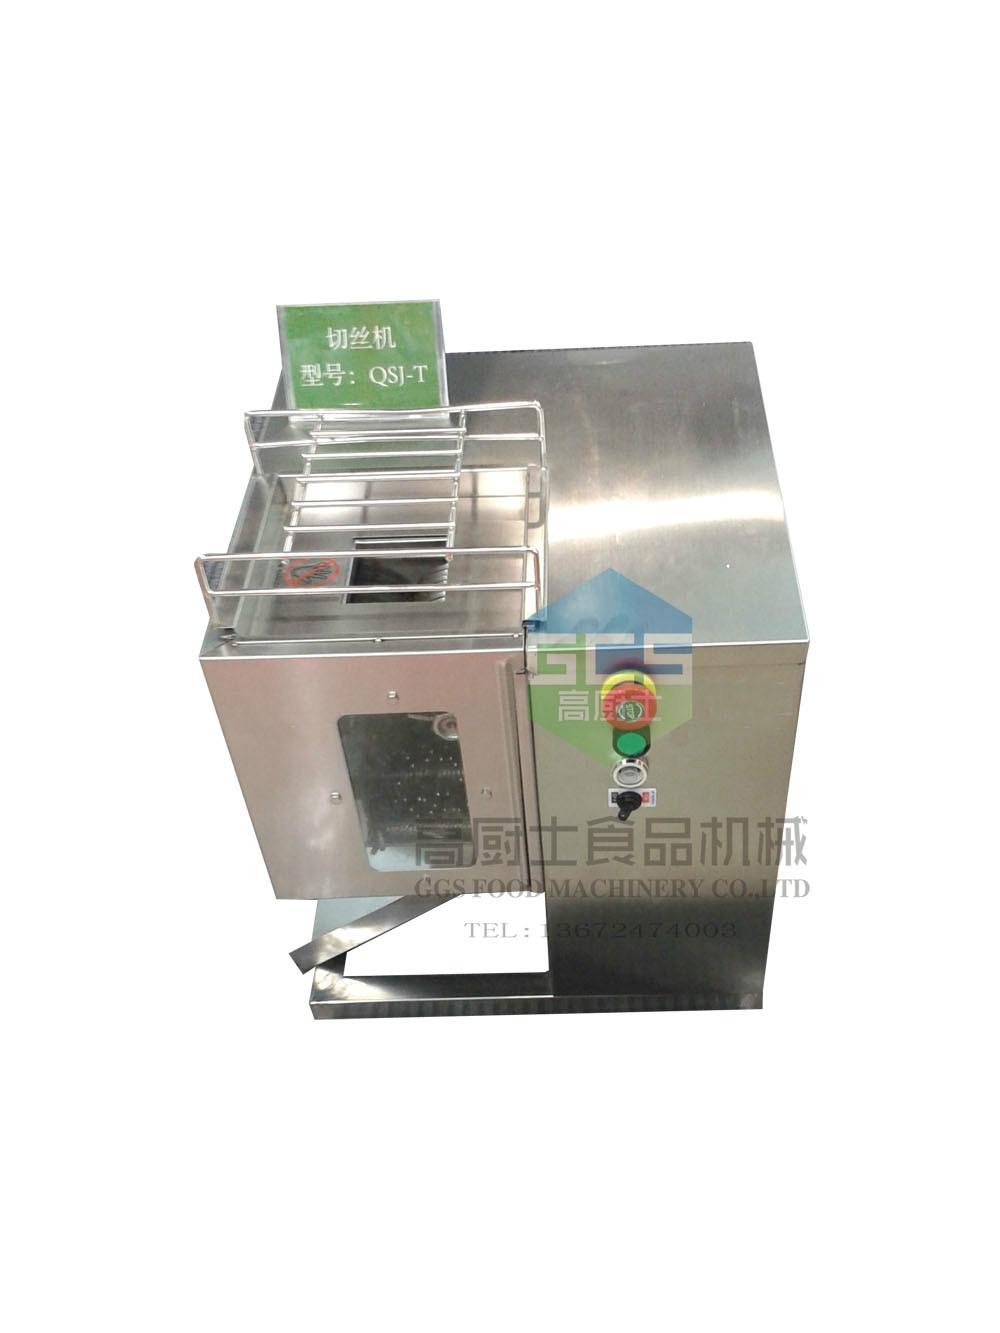 Free shipping 220v 110v deaktop type multifunction meat cutter machine meat slicer 250KG/HR